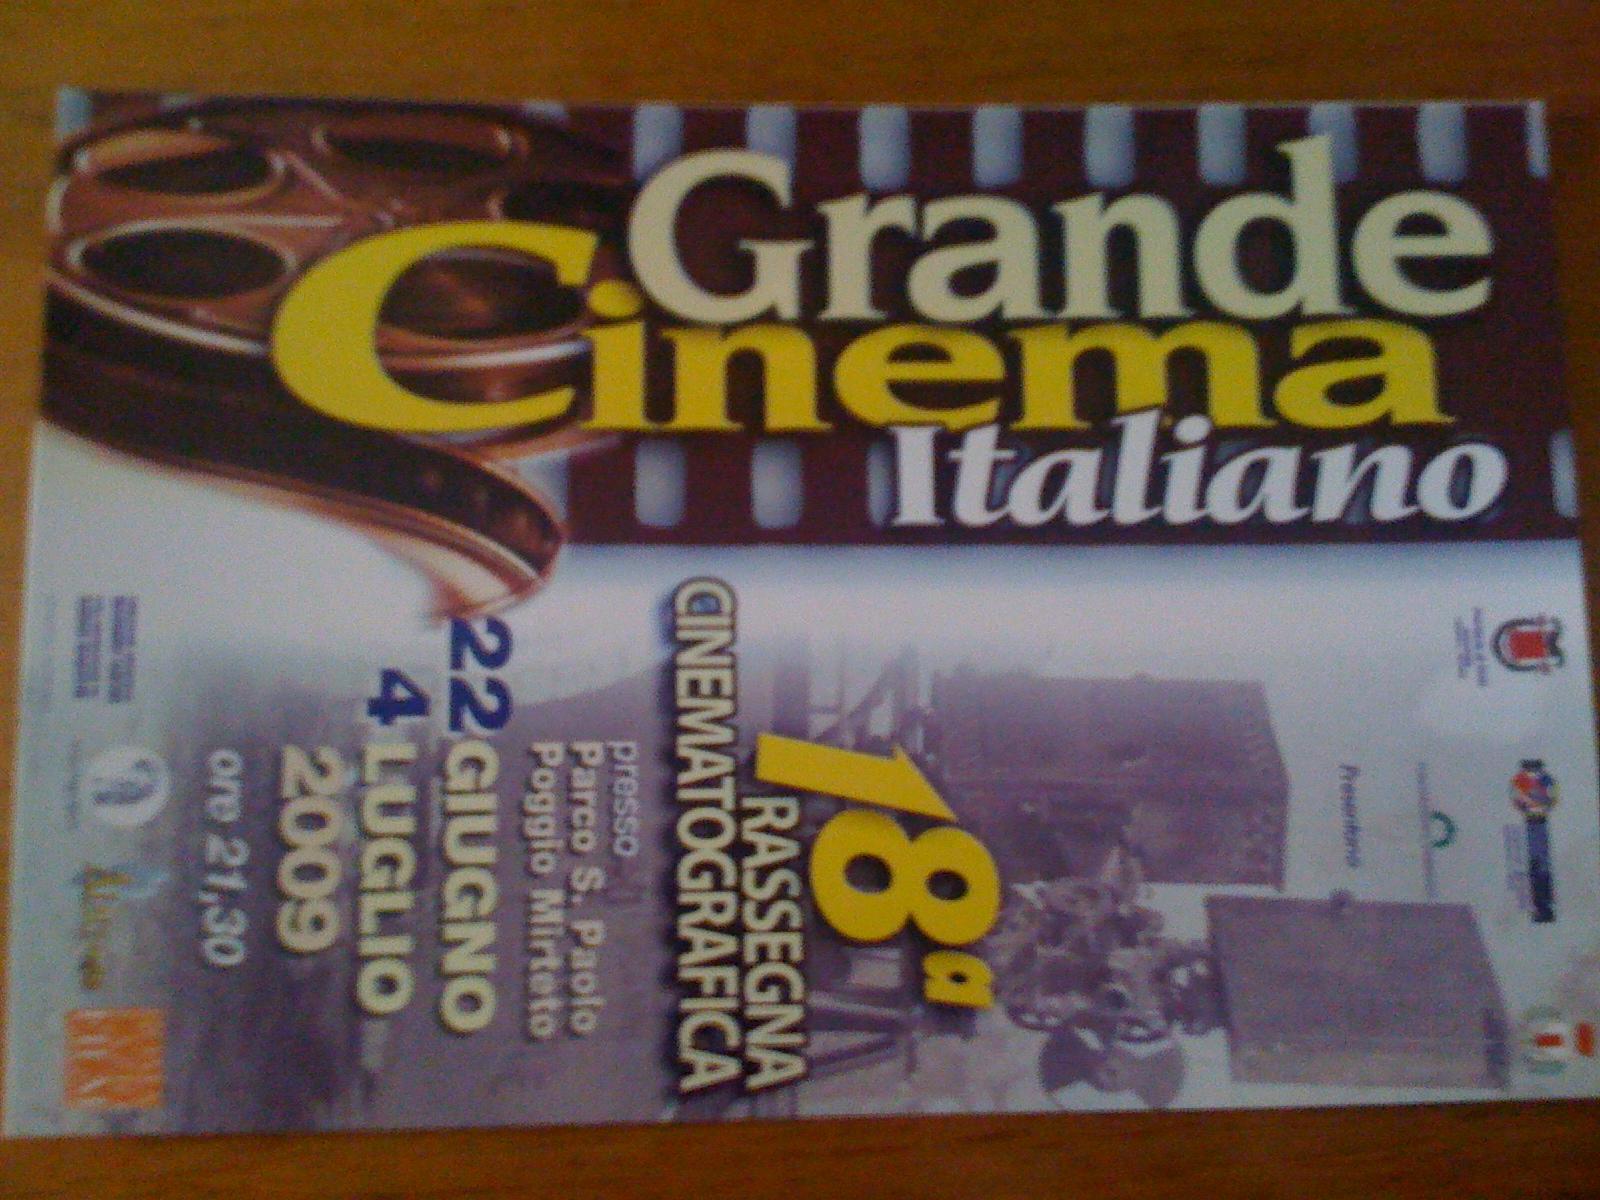 Grabde Cinema Italiano di POggio Mirteto 18° edizione - la locandina